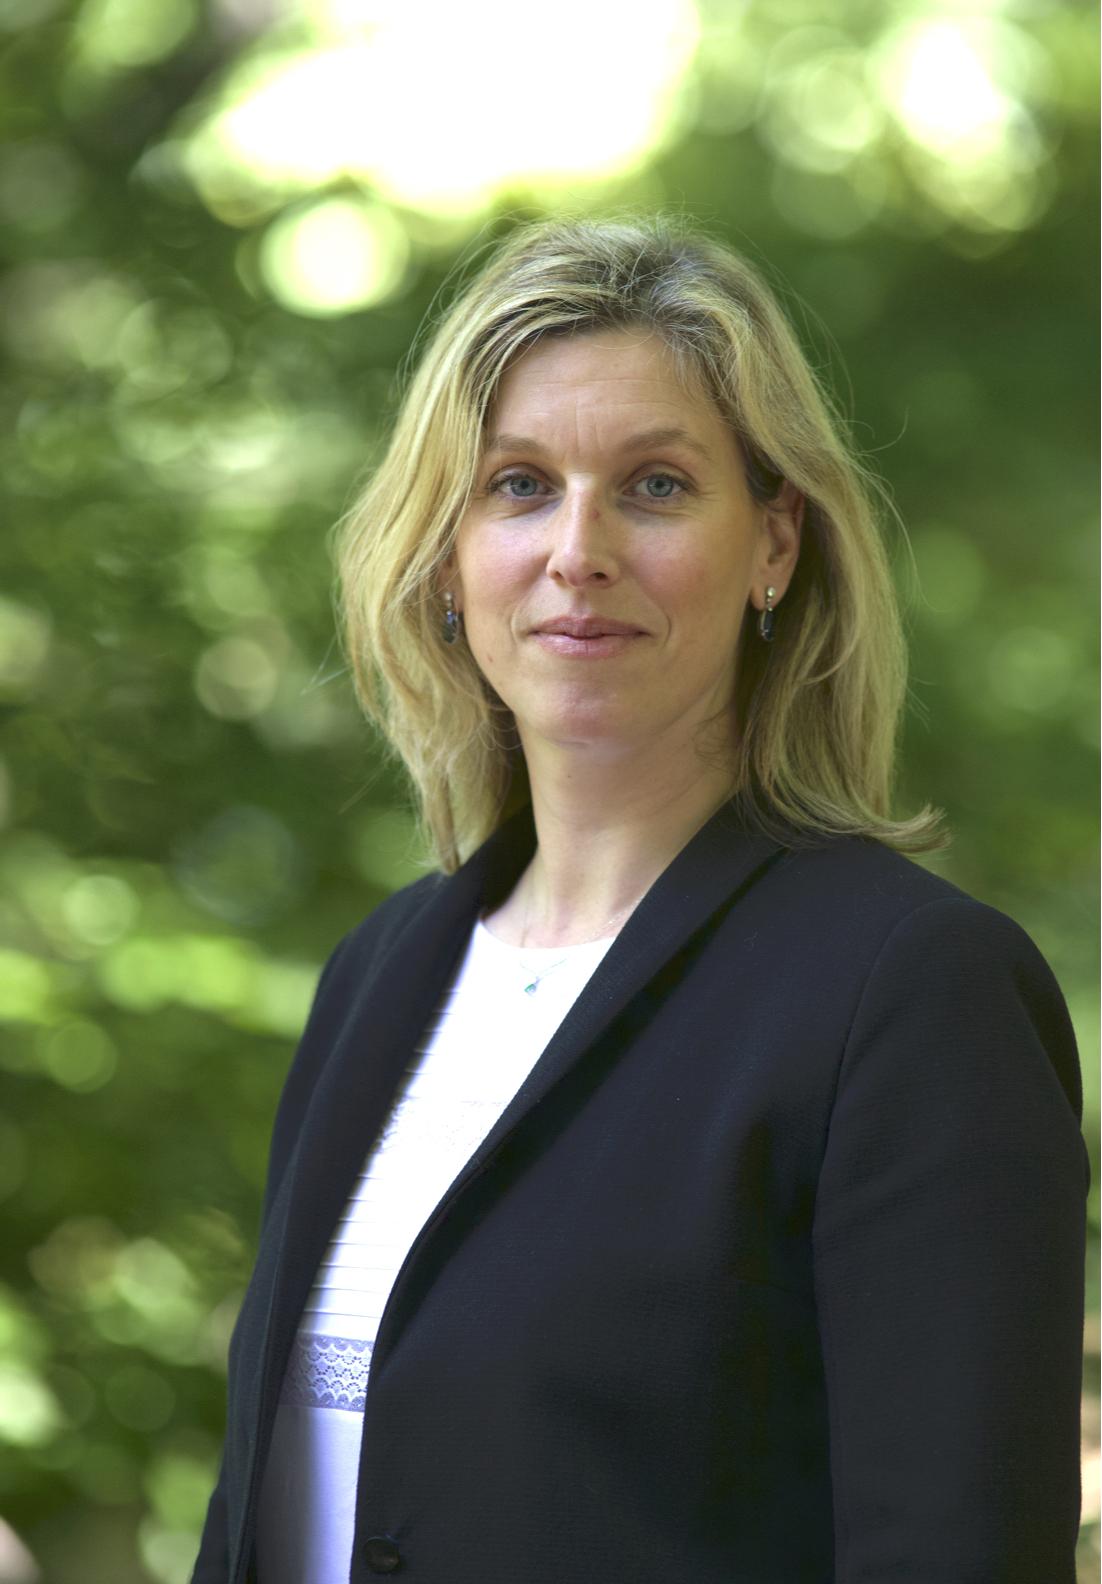 Helene Carvallo Portrait 3